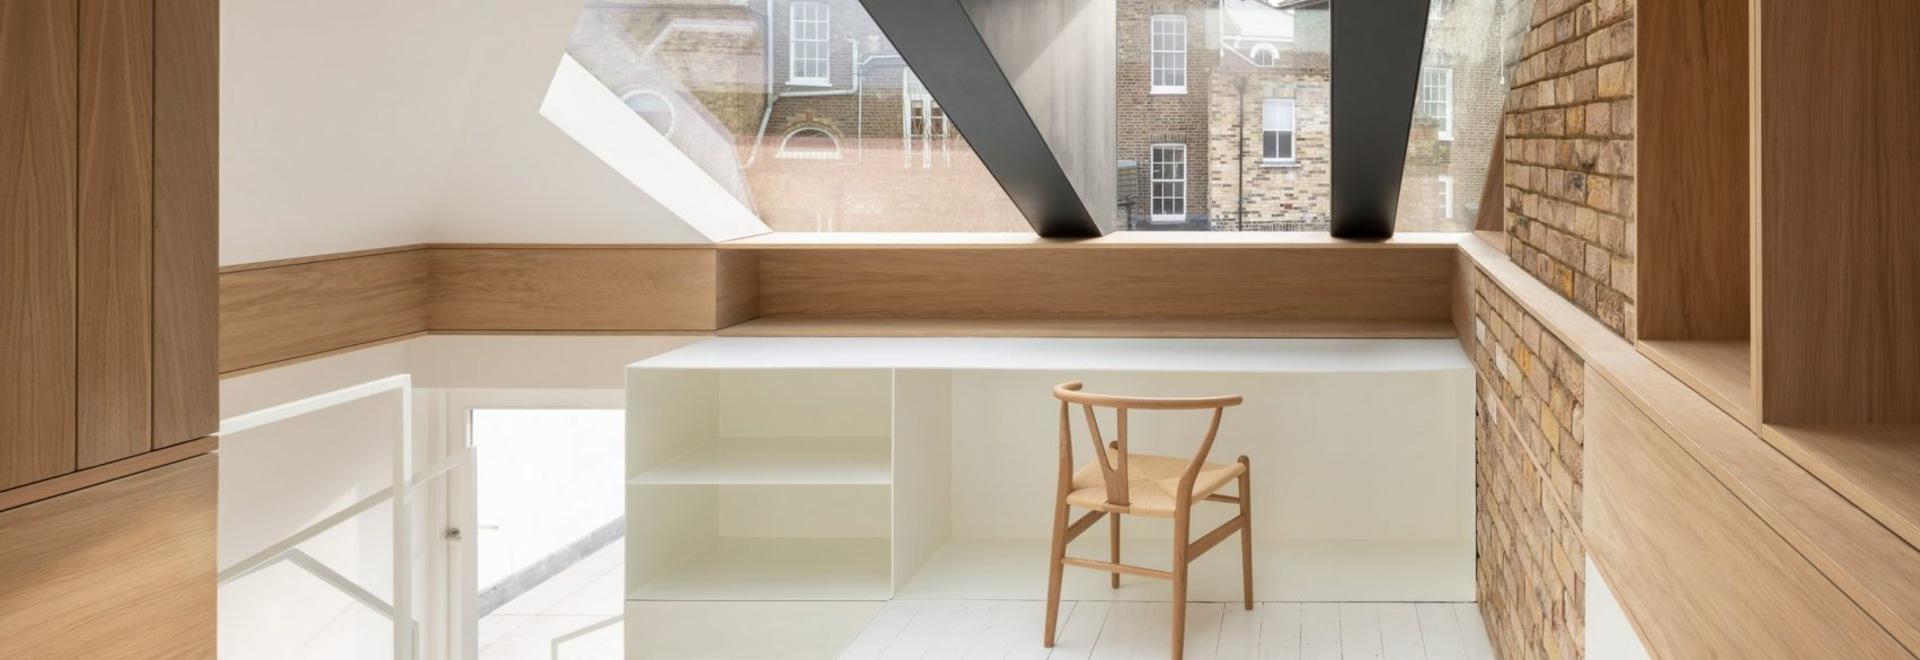 Con Form Architects öffnet das Dachgeschoss mit einer Glas- und Stahlgaube